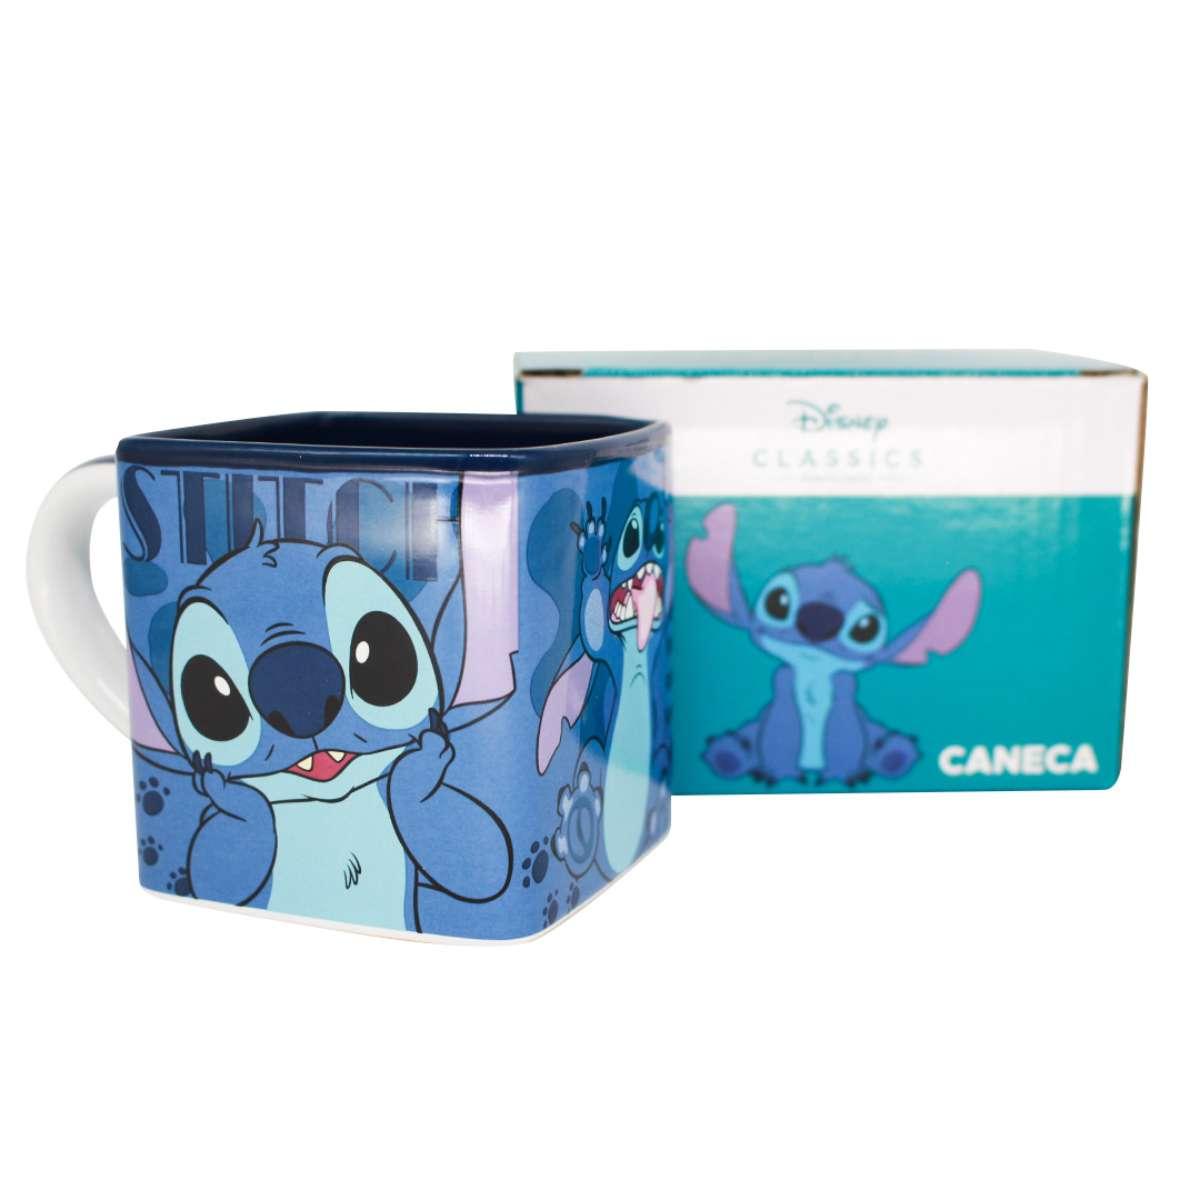 Caneca Quadrada Cubo Stitch Disney